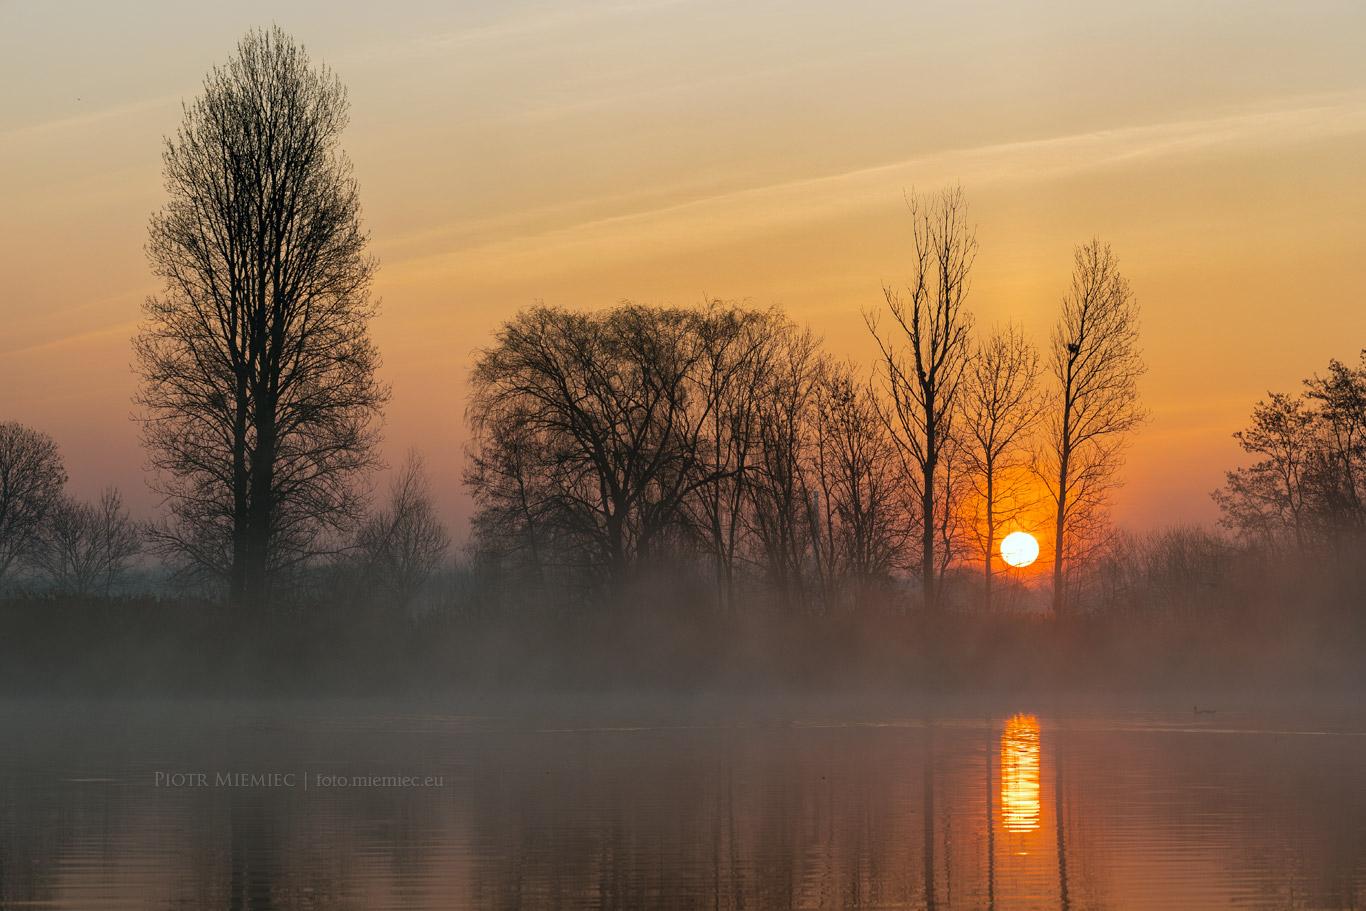 Stawy w Mikulczycach o wschodzie słońca